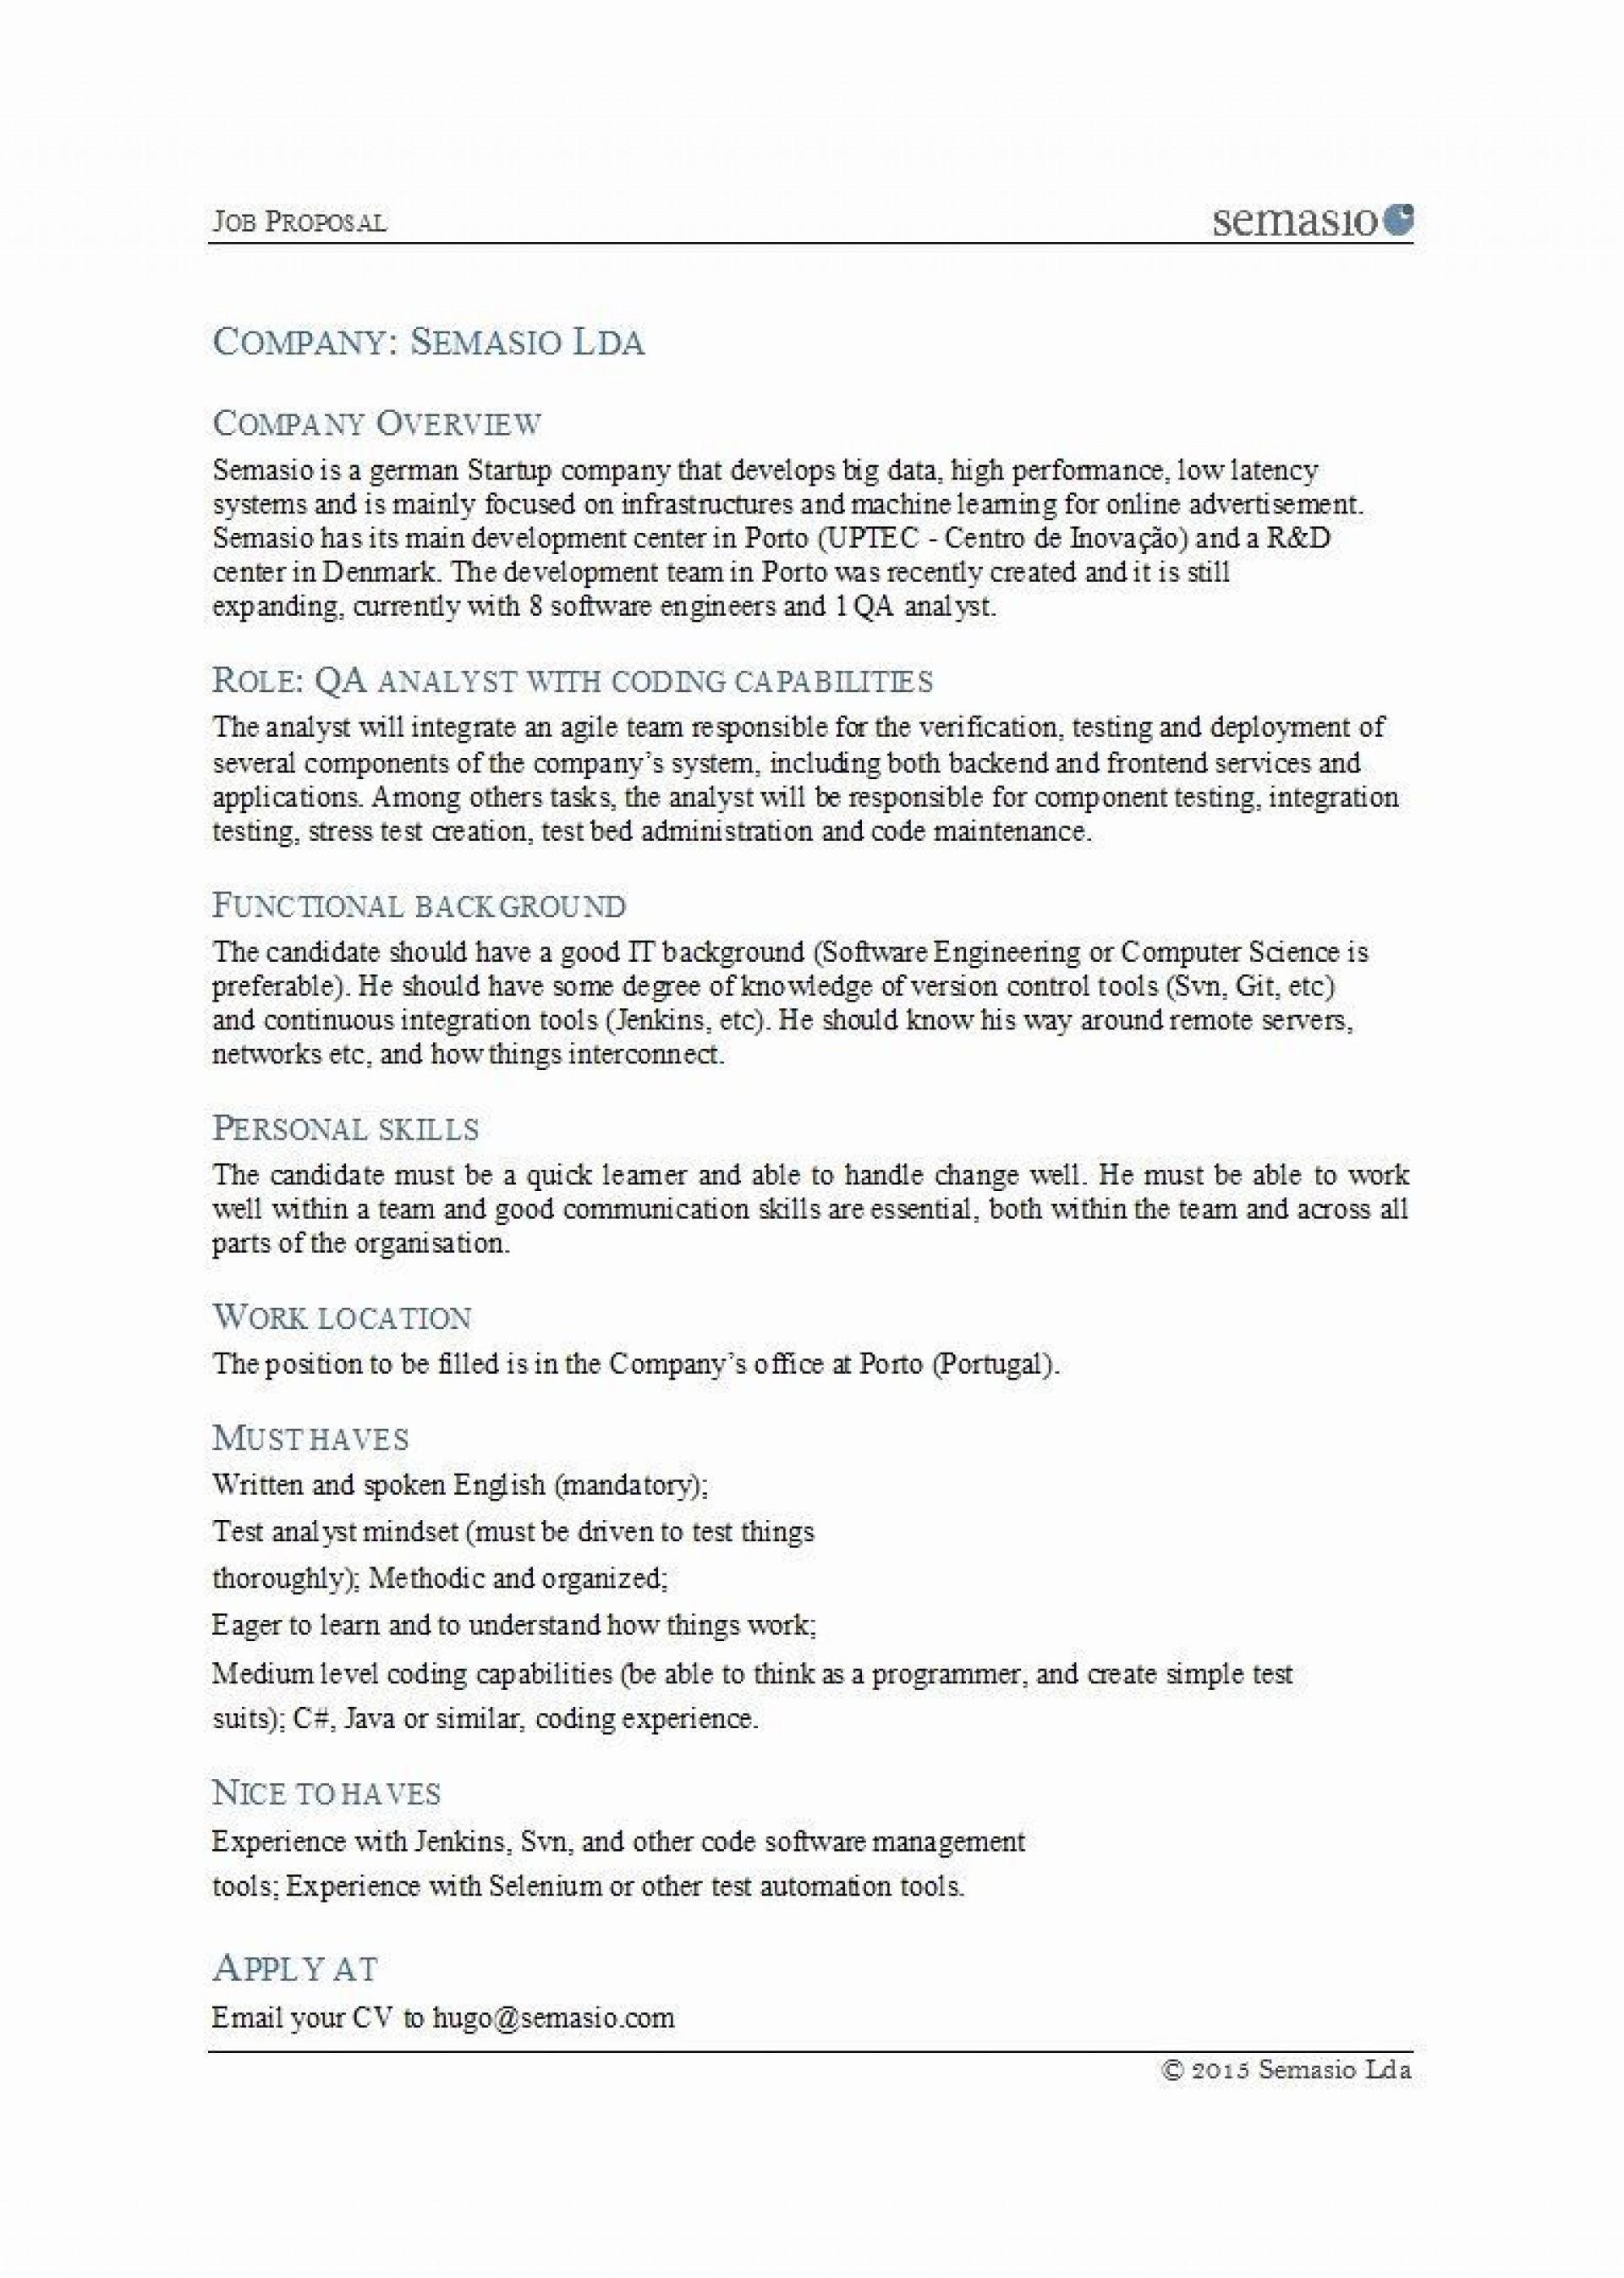 Sample Job Proposal Template Addictionary